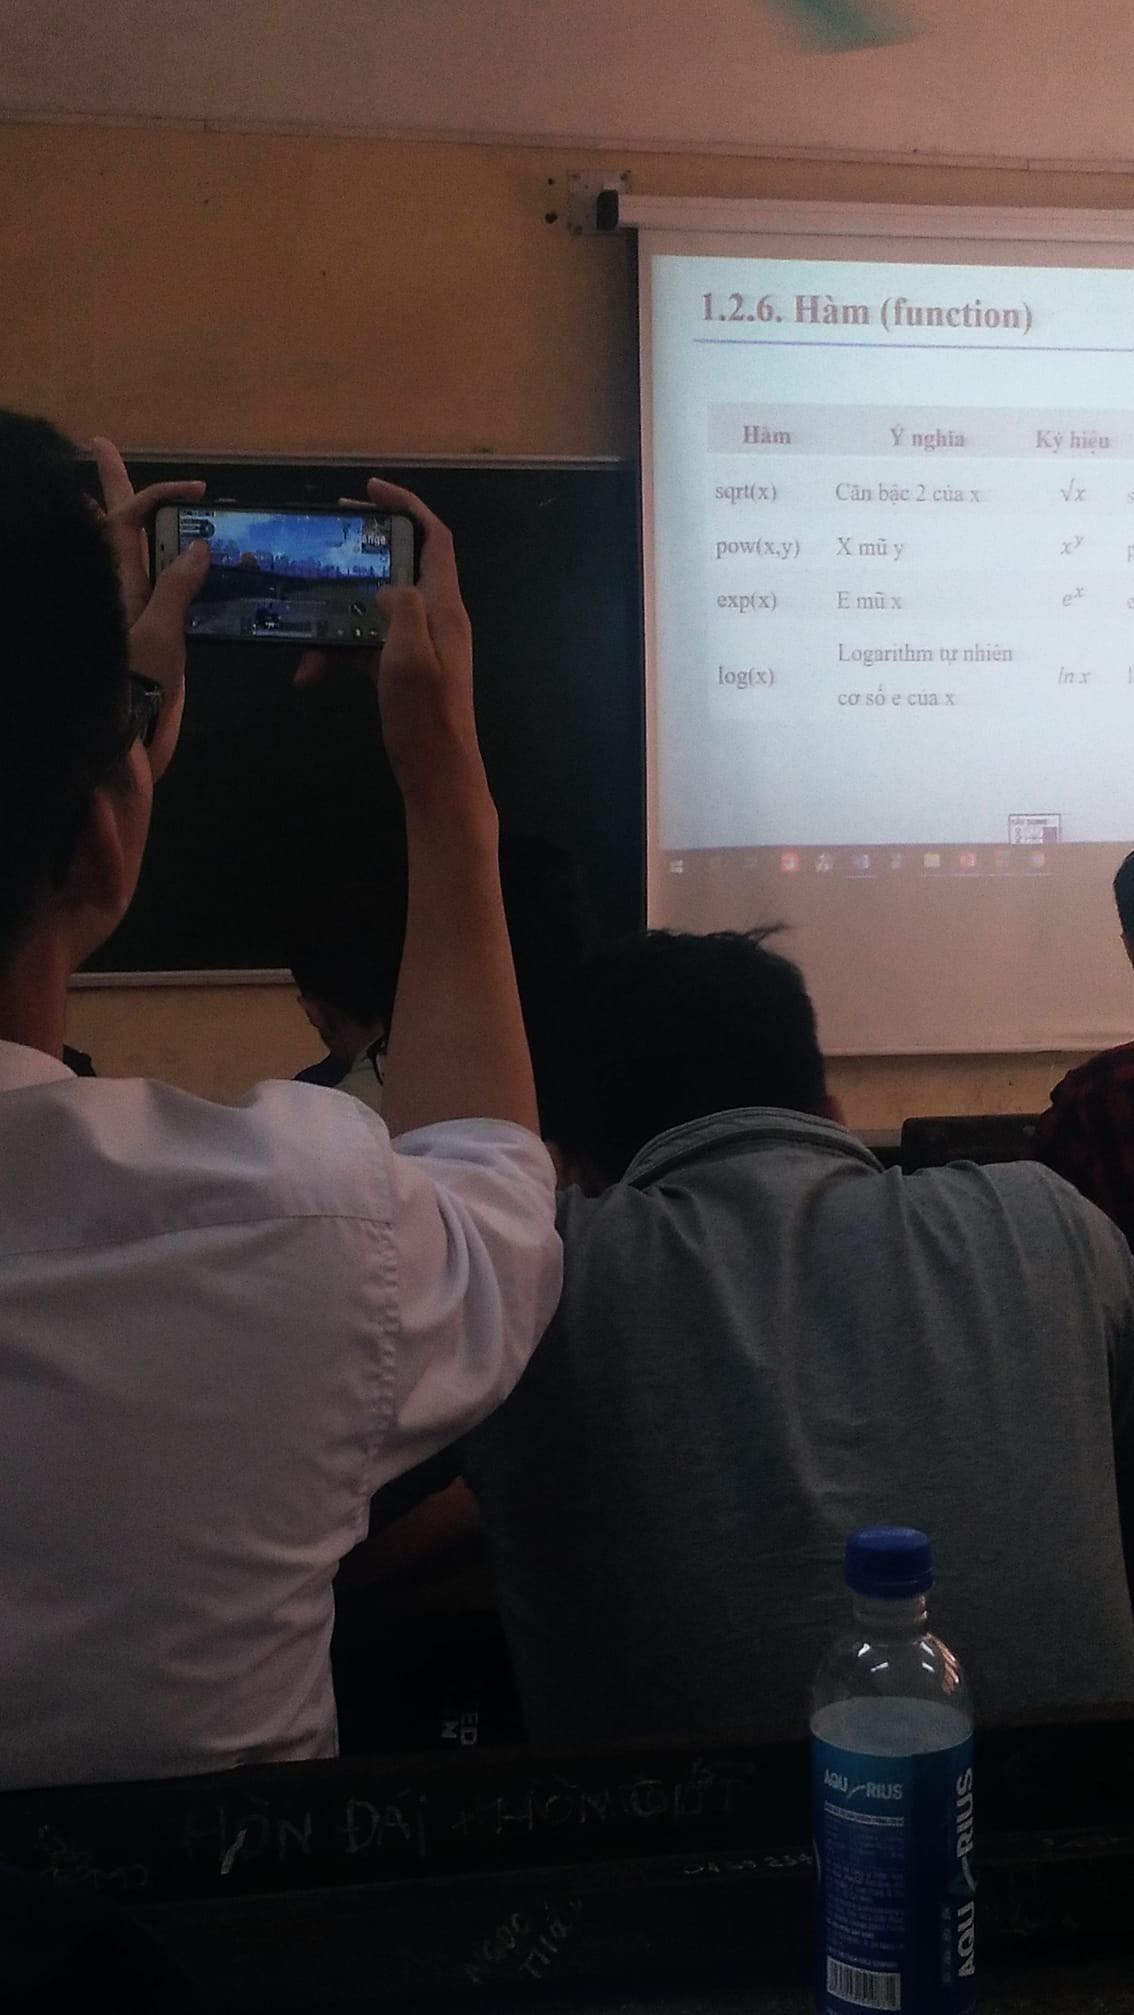 Sinh viên giờ lạ lùng lắm: Không thích ghi chép, bài giảng nào cũng chụp nhưng chẳng bao giờ xem lại - Ảnh 2.